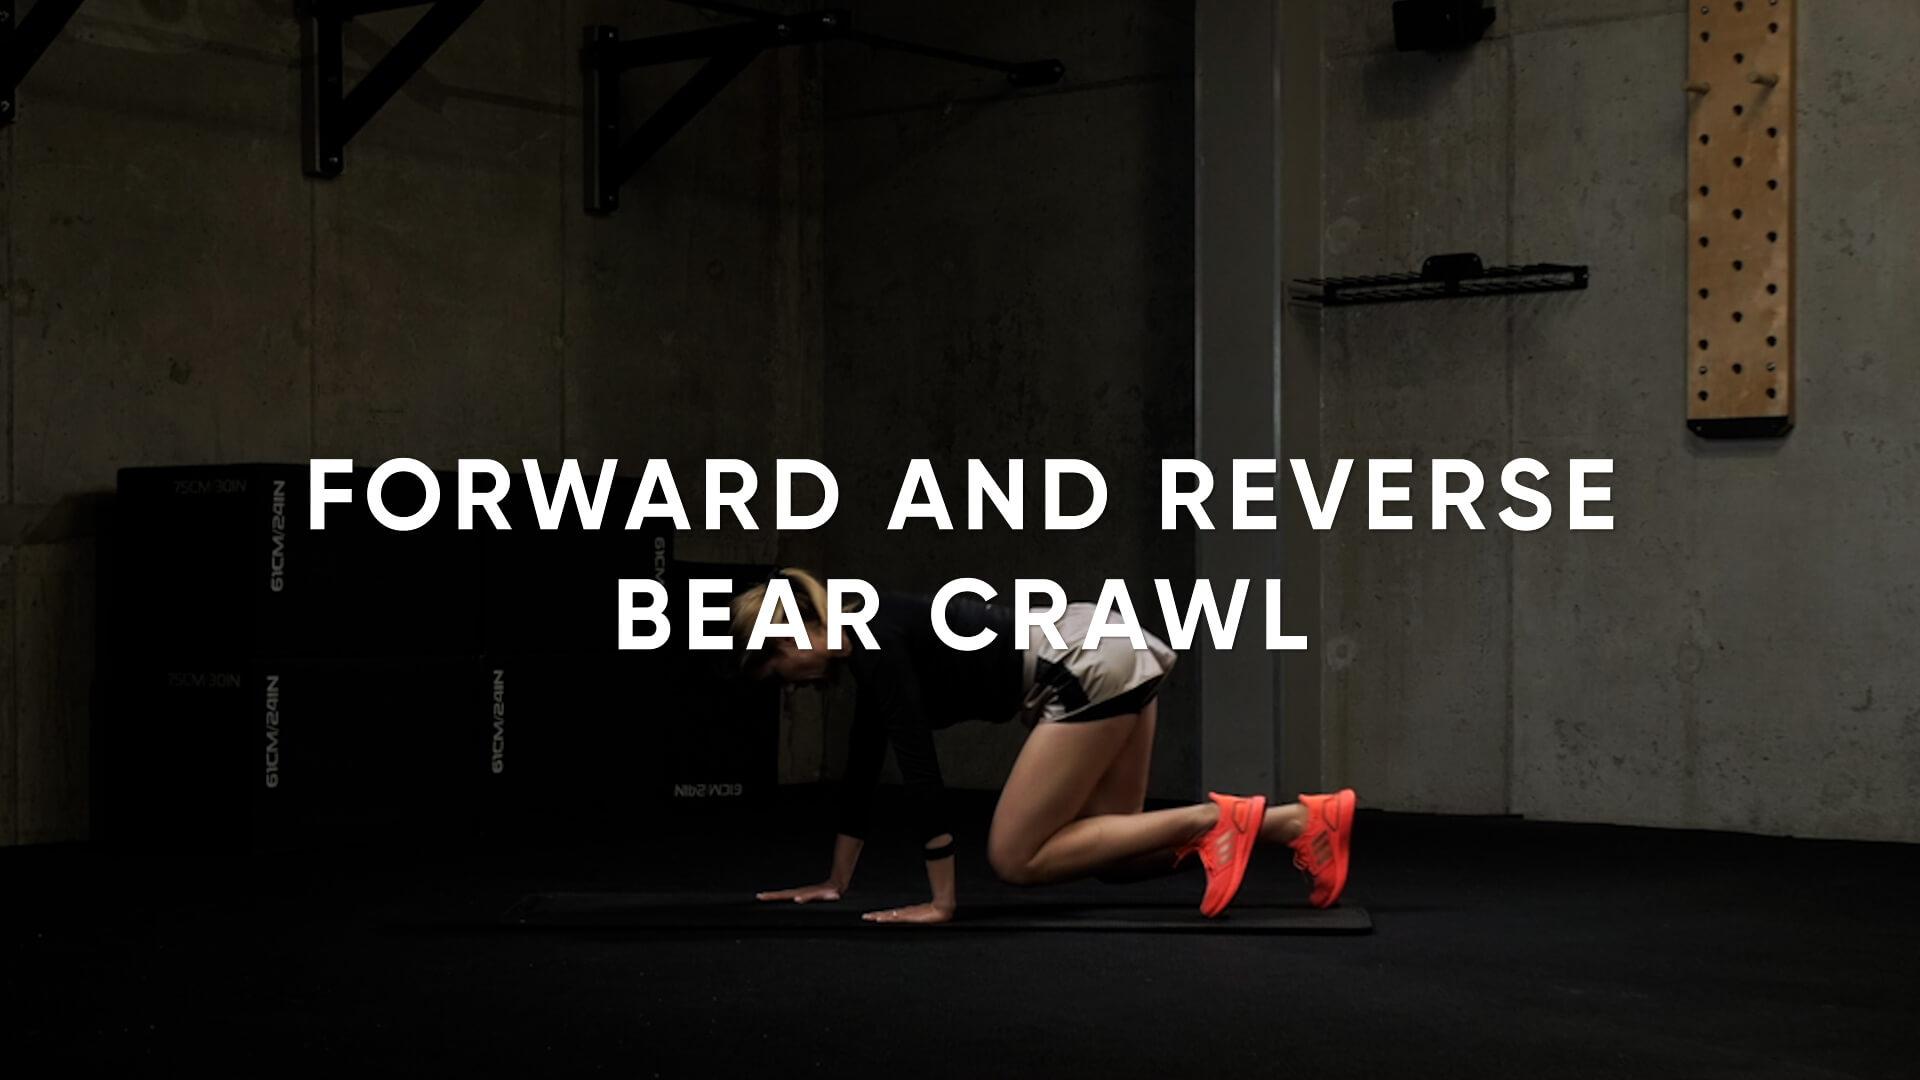 Forward and Reverse Bear Crawl